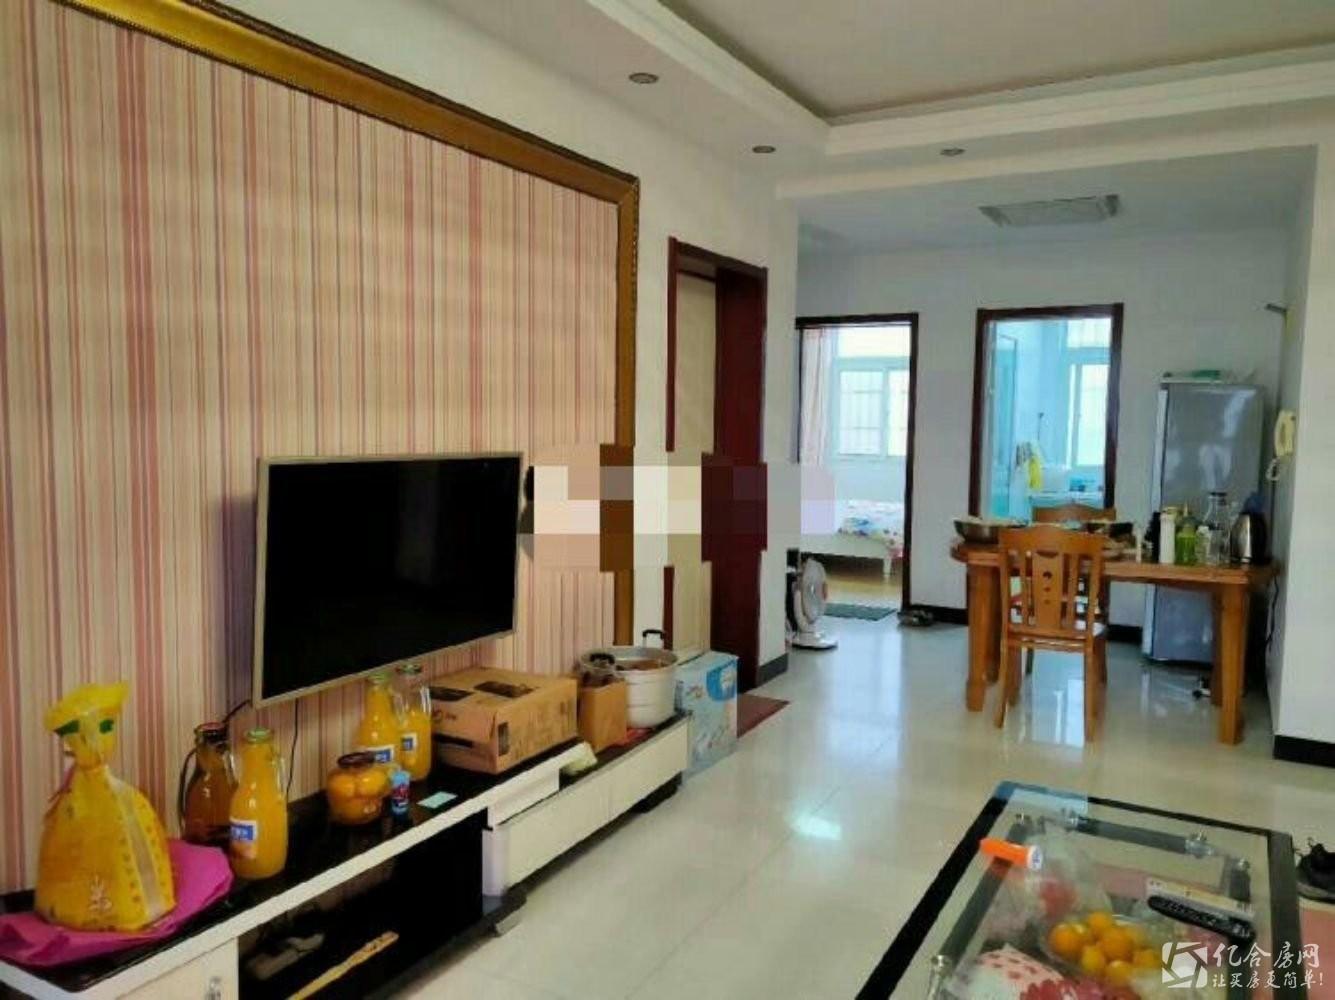 新三中附近仙桃春天精装大2房 全新装修家具 价格优美想看的欢